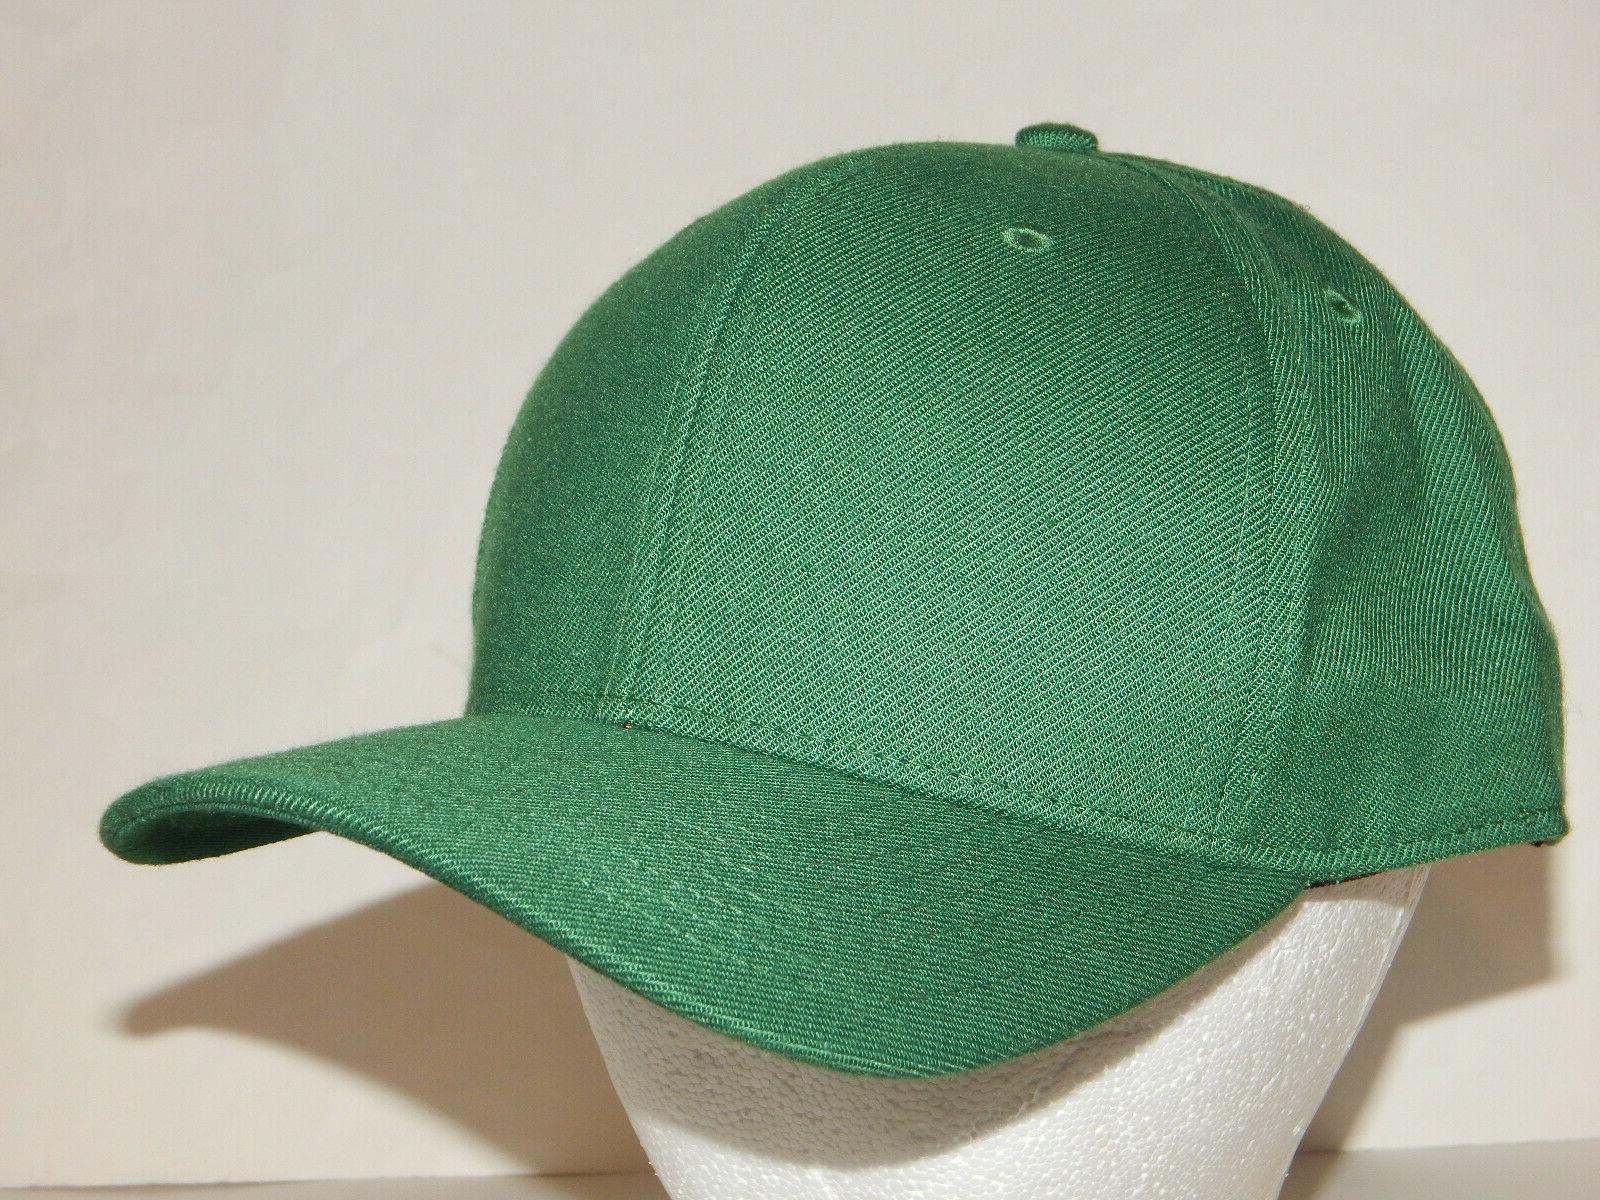 Nike Unisex Cap / Hat Colors Dri-Fit Stretch 99 867308